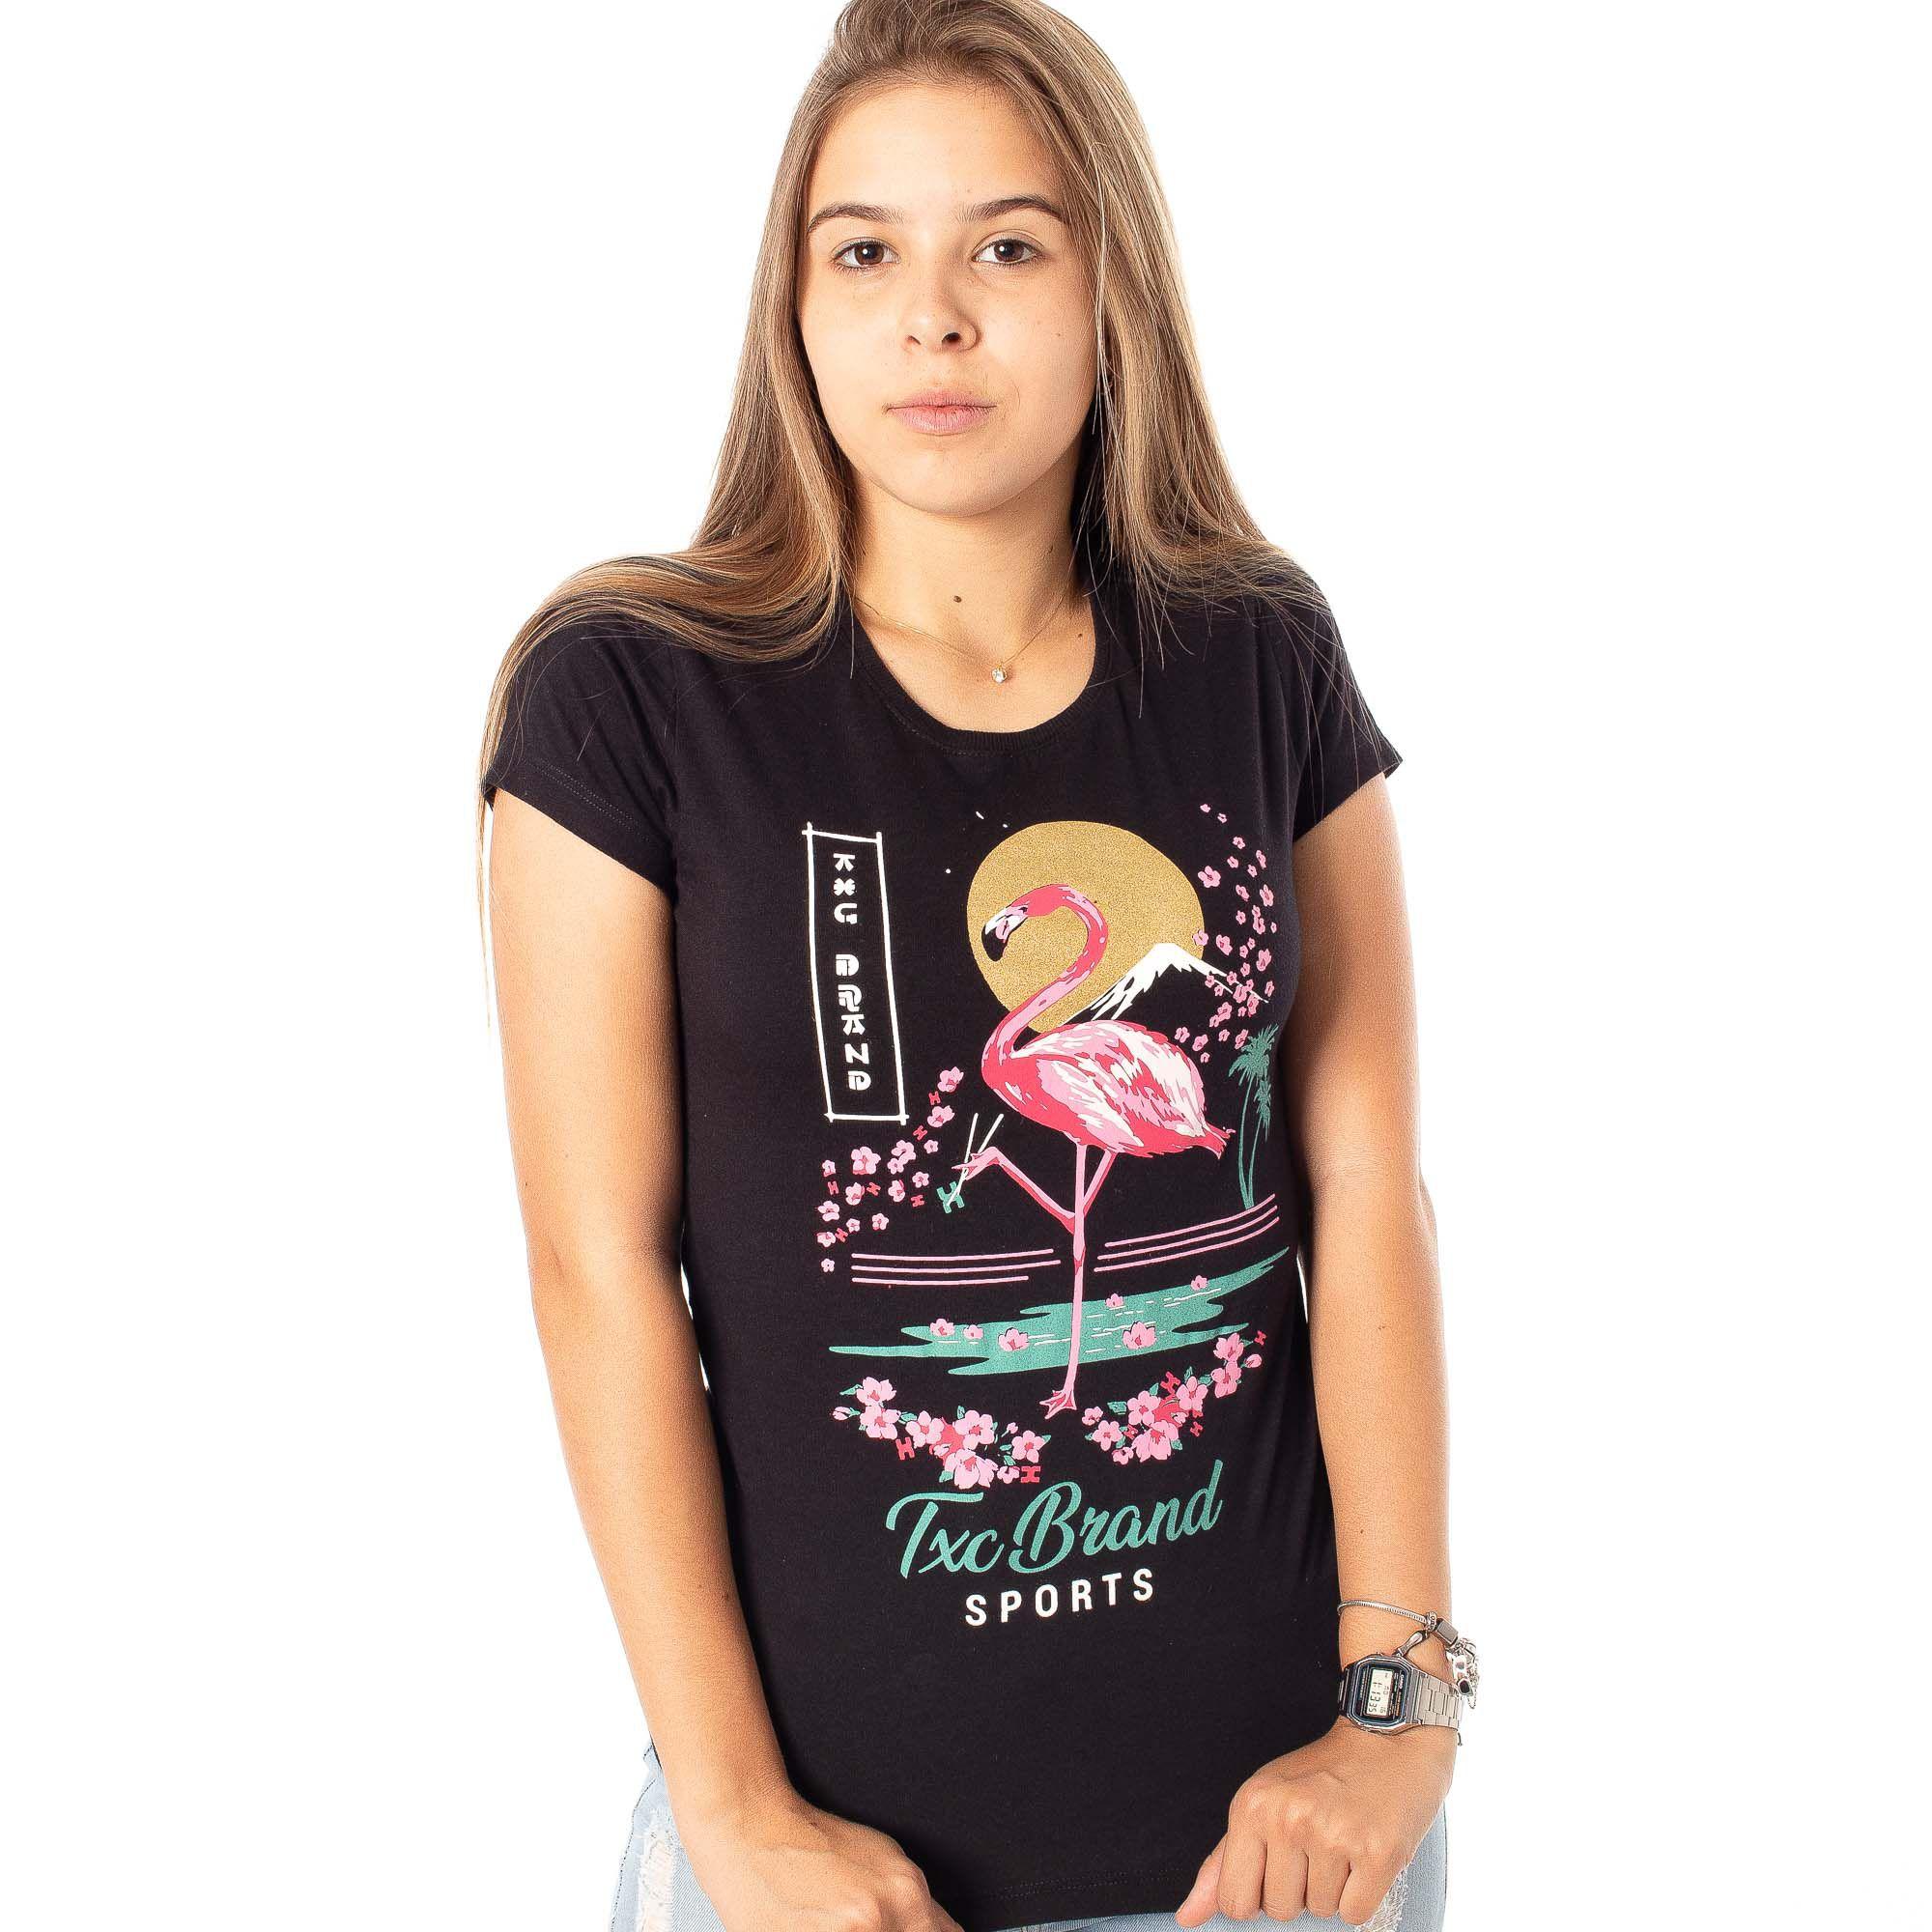 Camiseta TXC Brand 4330